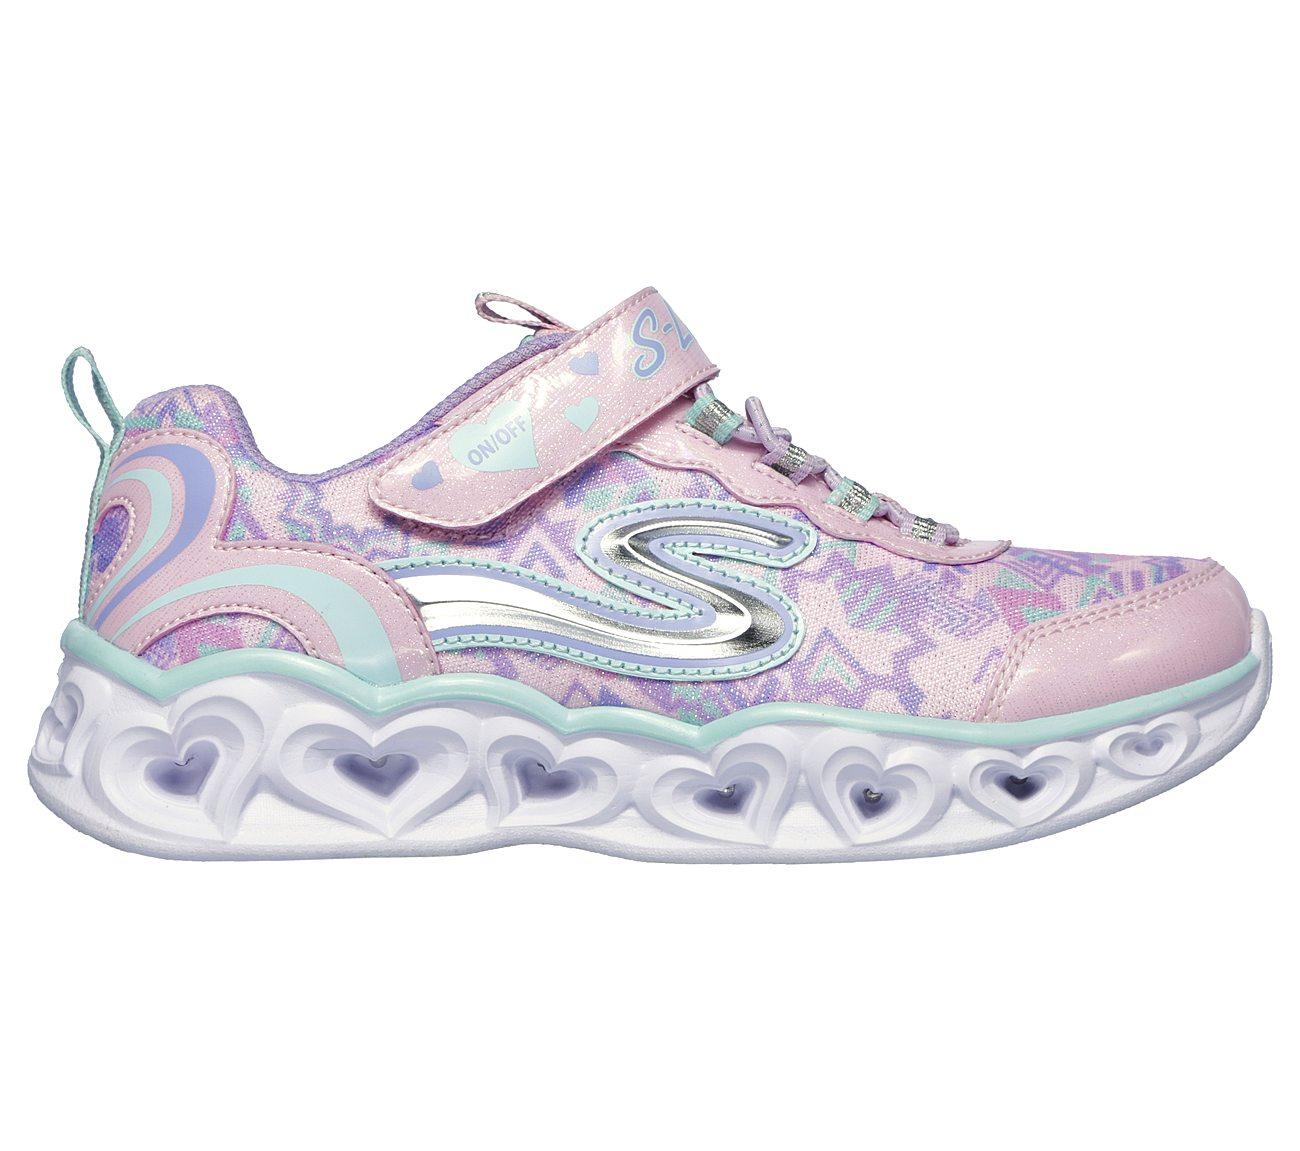 Shinkan estación de televisión total  Buy SKECHERS Skechers S Lights: Heart Lights S-Lights Shoes